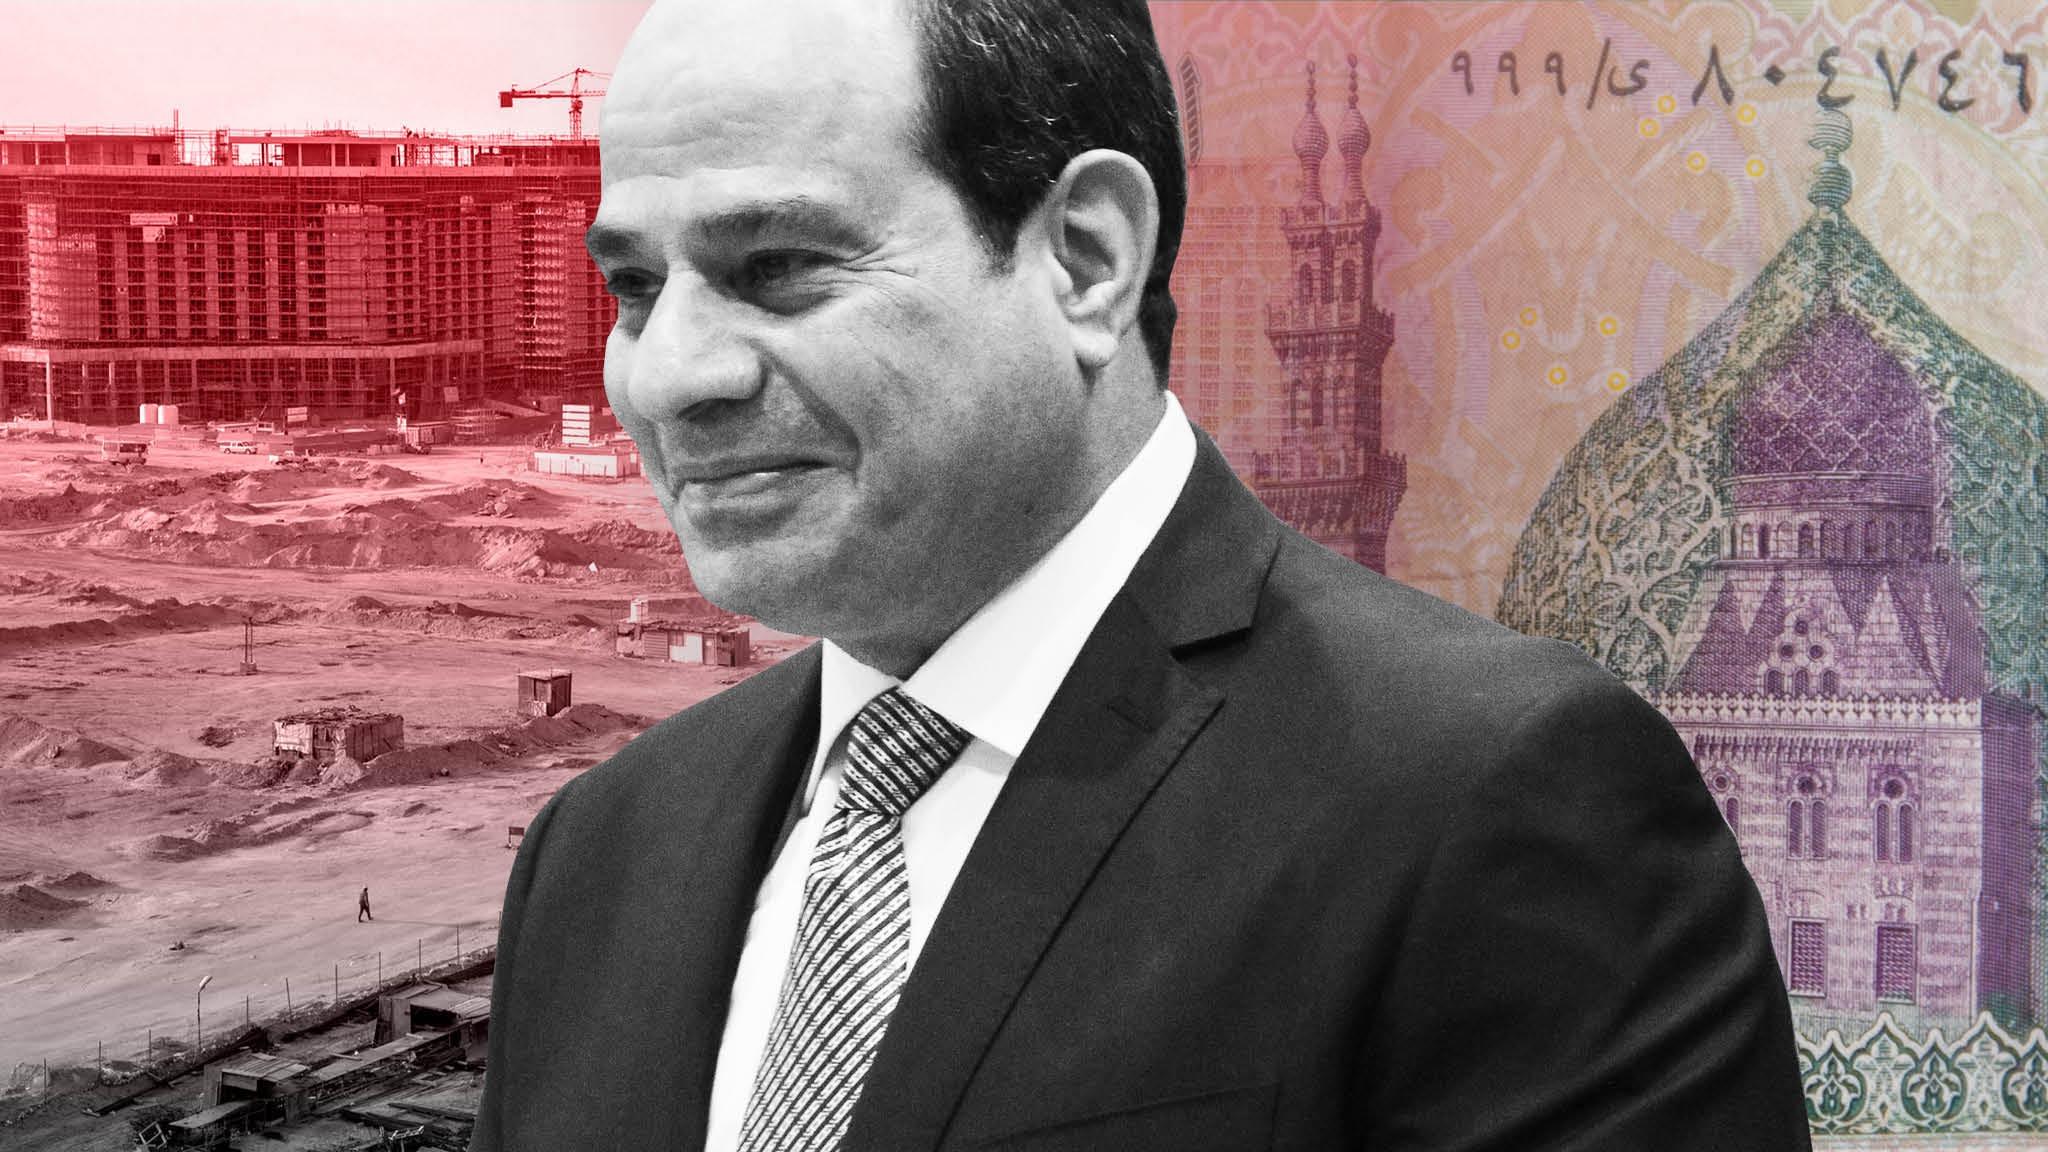 إدخال السندات الإسلامية سيؤدي إلى زيادة الديون الخارجية لمصر